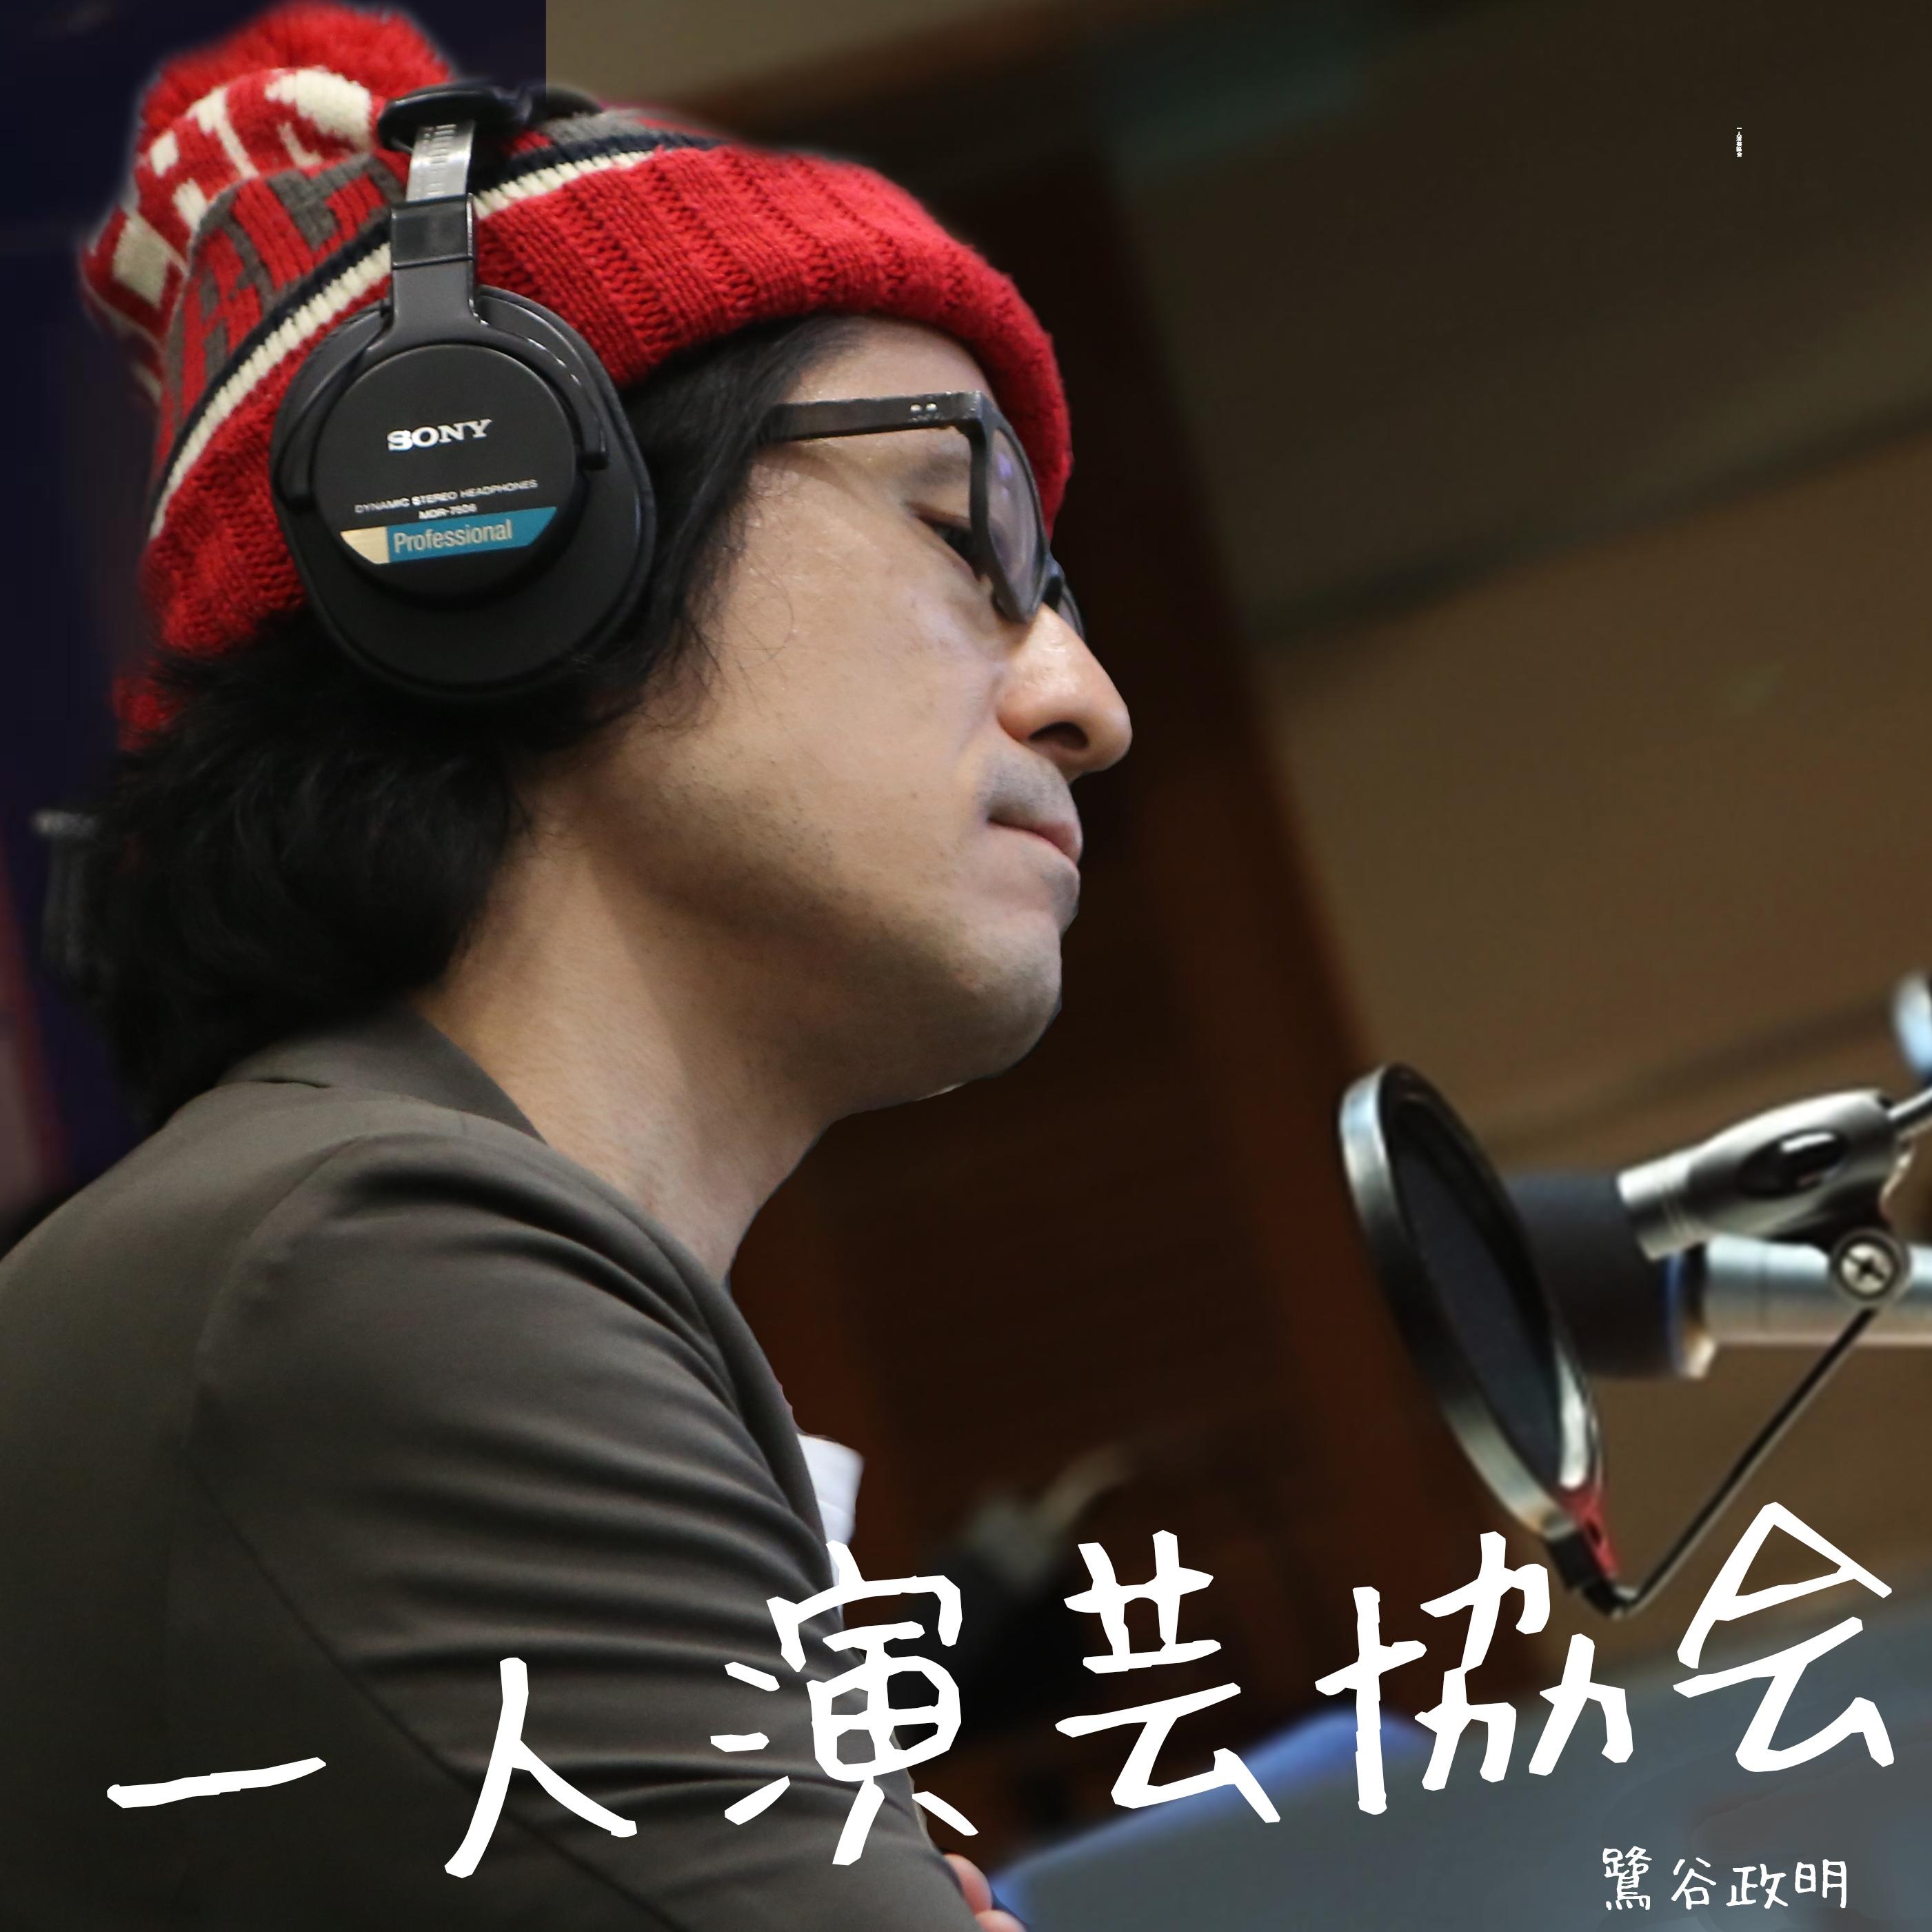 エレカシ宮本浩次がトレンドに入った理由 #27